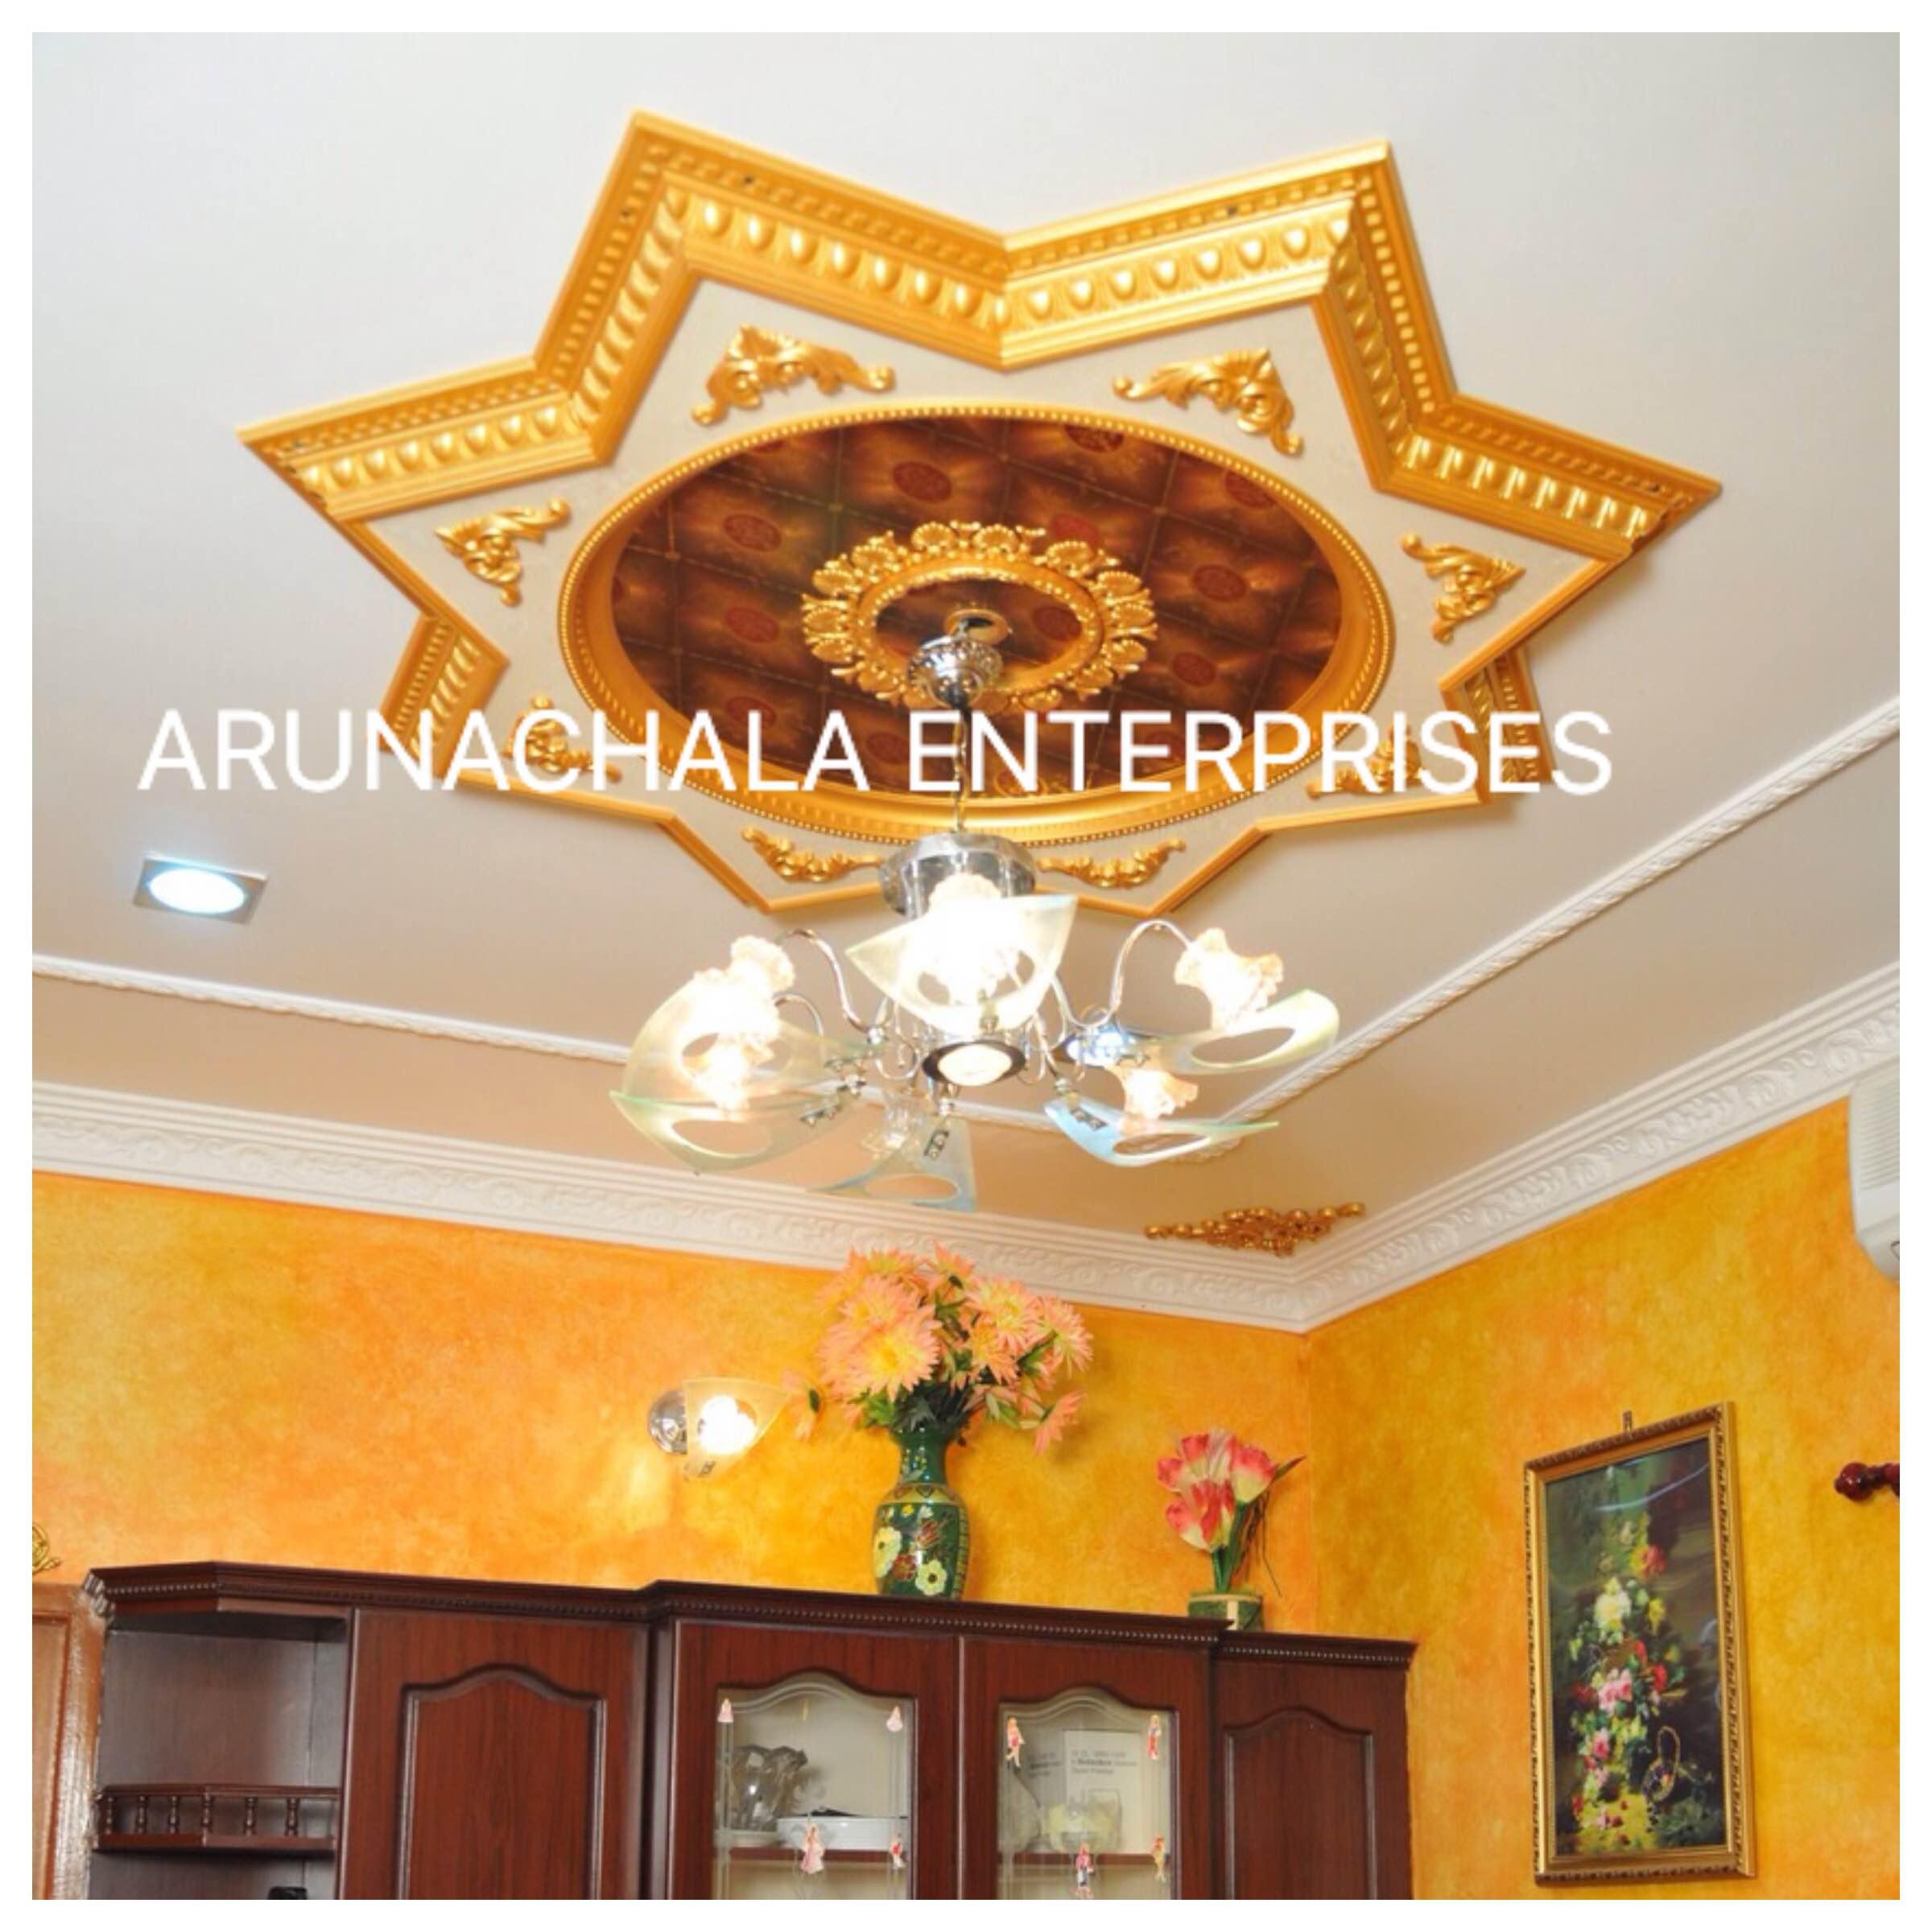 ARUNACHALA ENTERPRISES